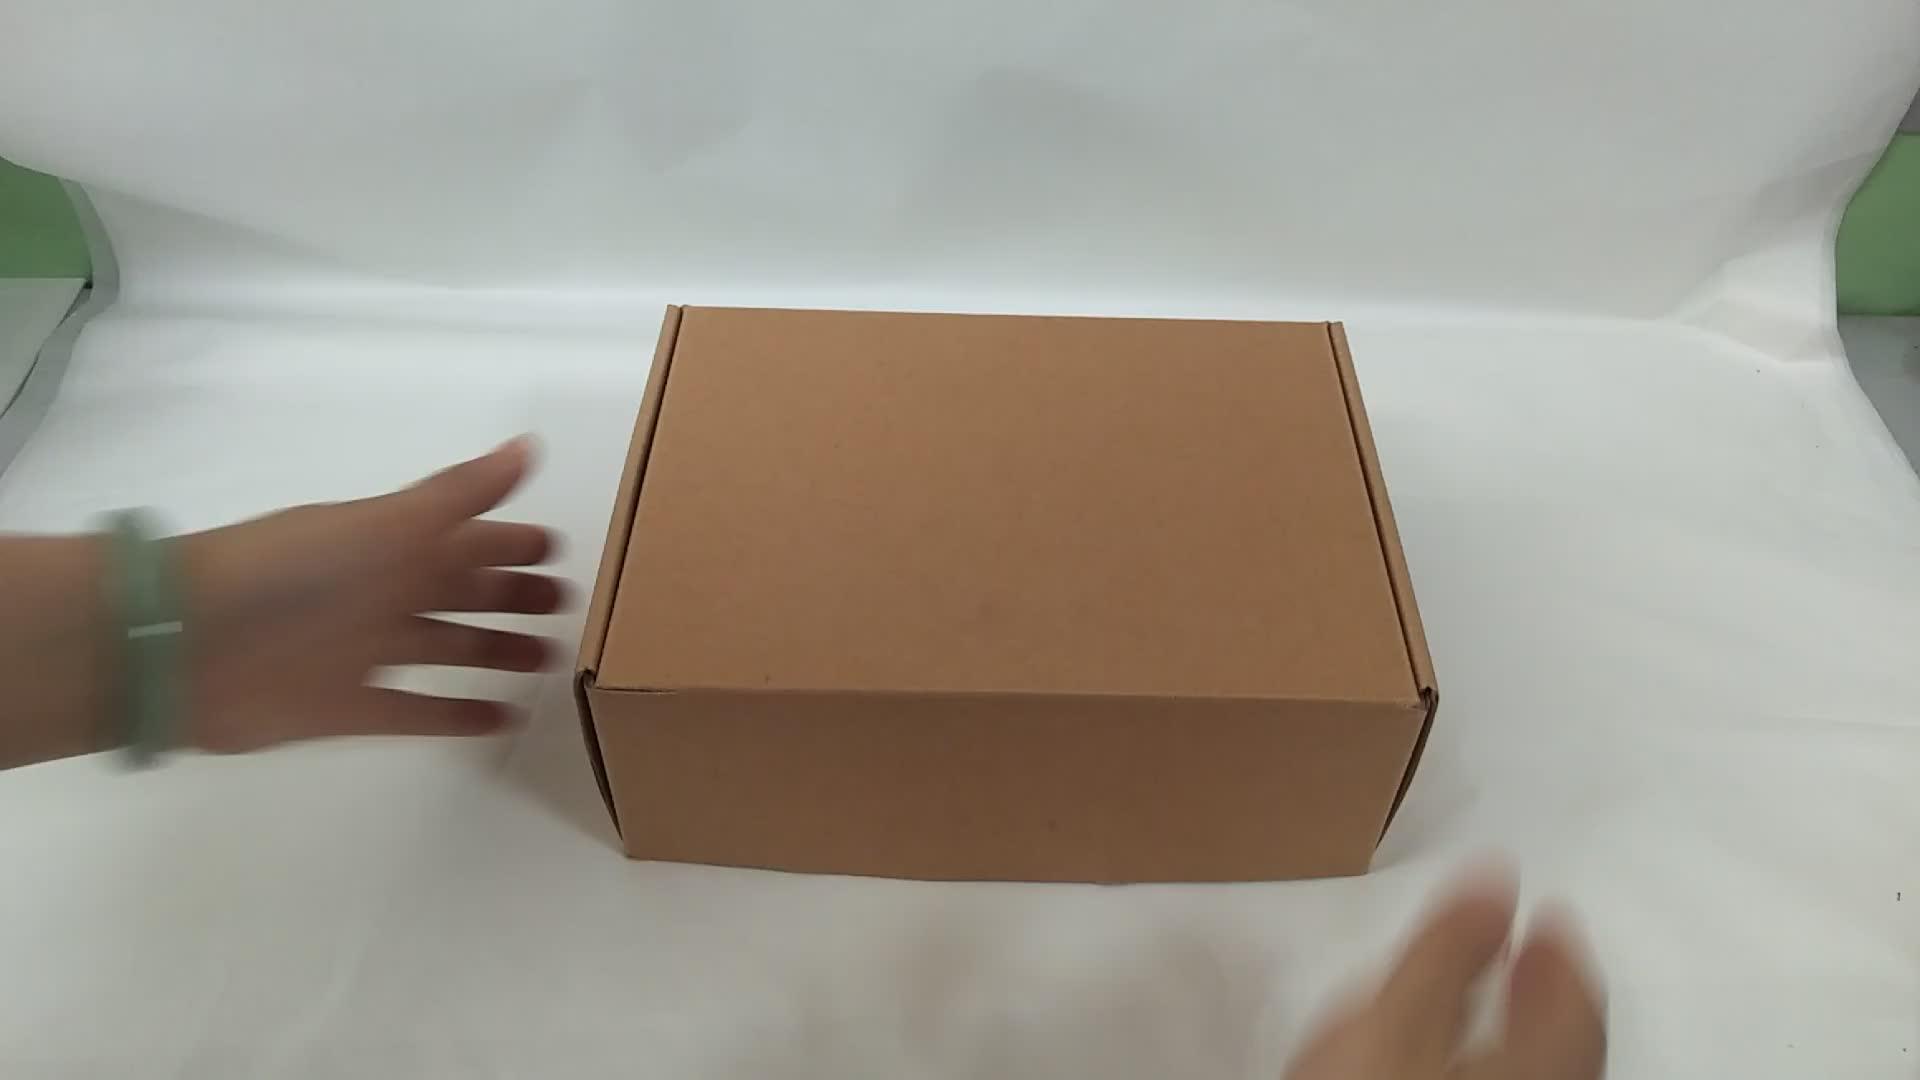 Groothandel custom Kraft gegolfd verzending opvouwbare doos goedkope vlakte schoen verpakking doos